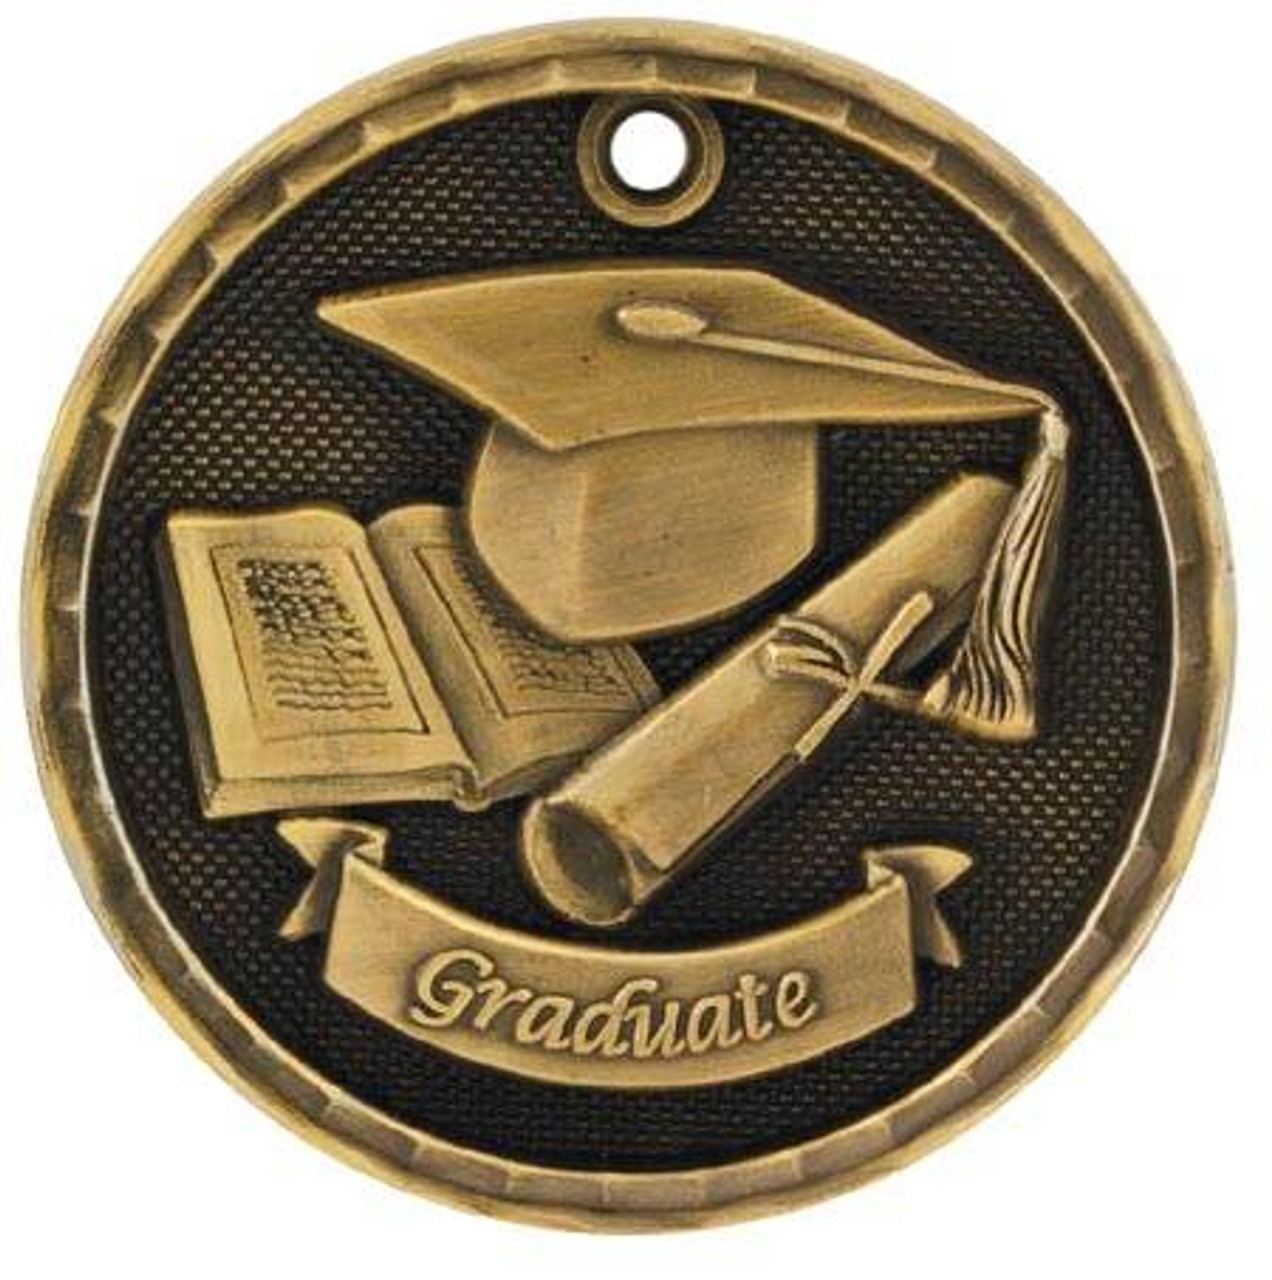 3D Graduate Medal